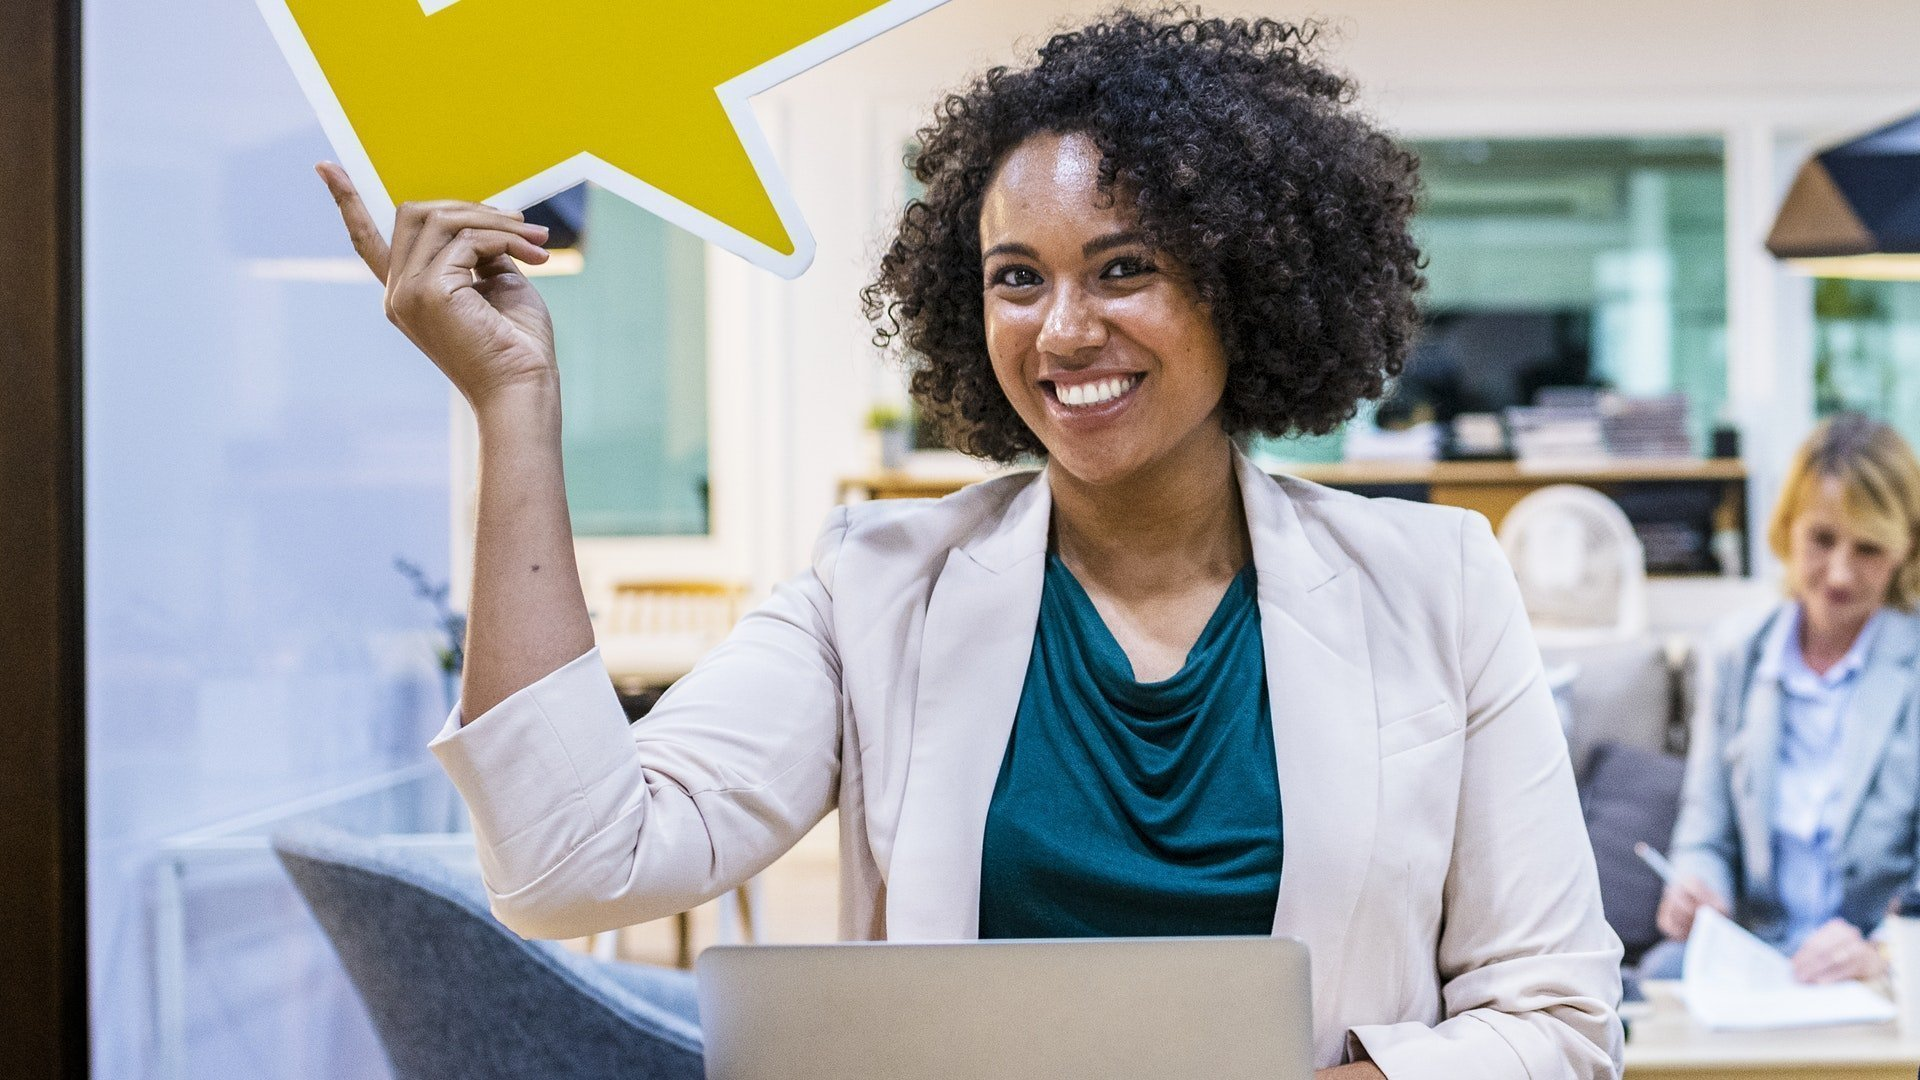 Imprenditoria femminile: Sviluppare nuove competenze è la chiave del successo